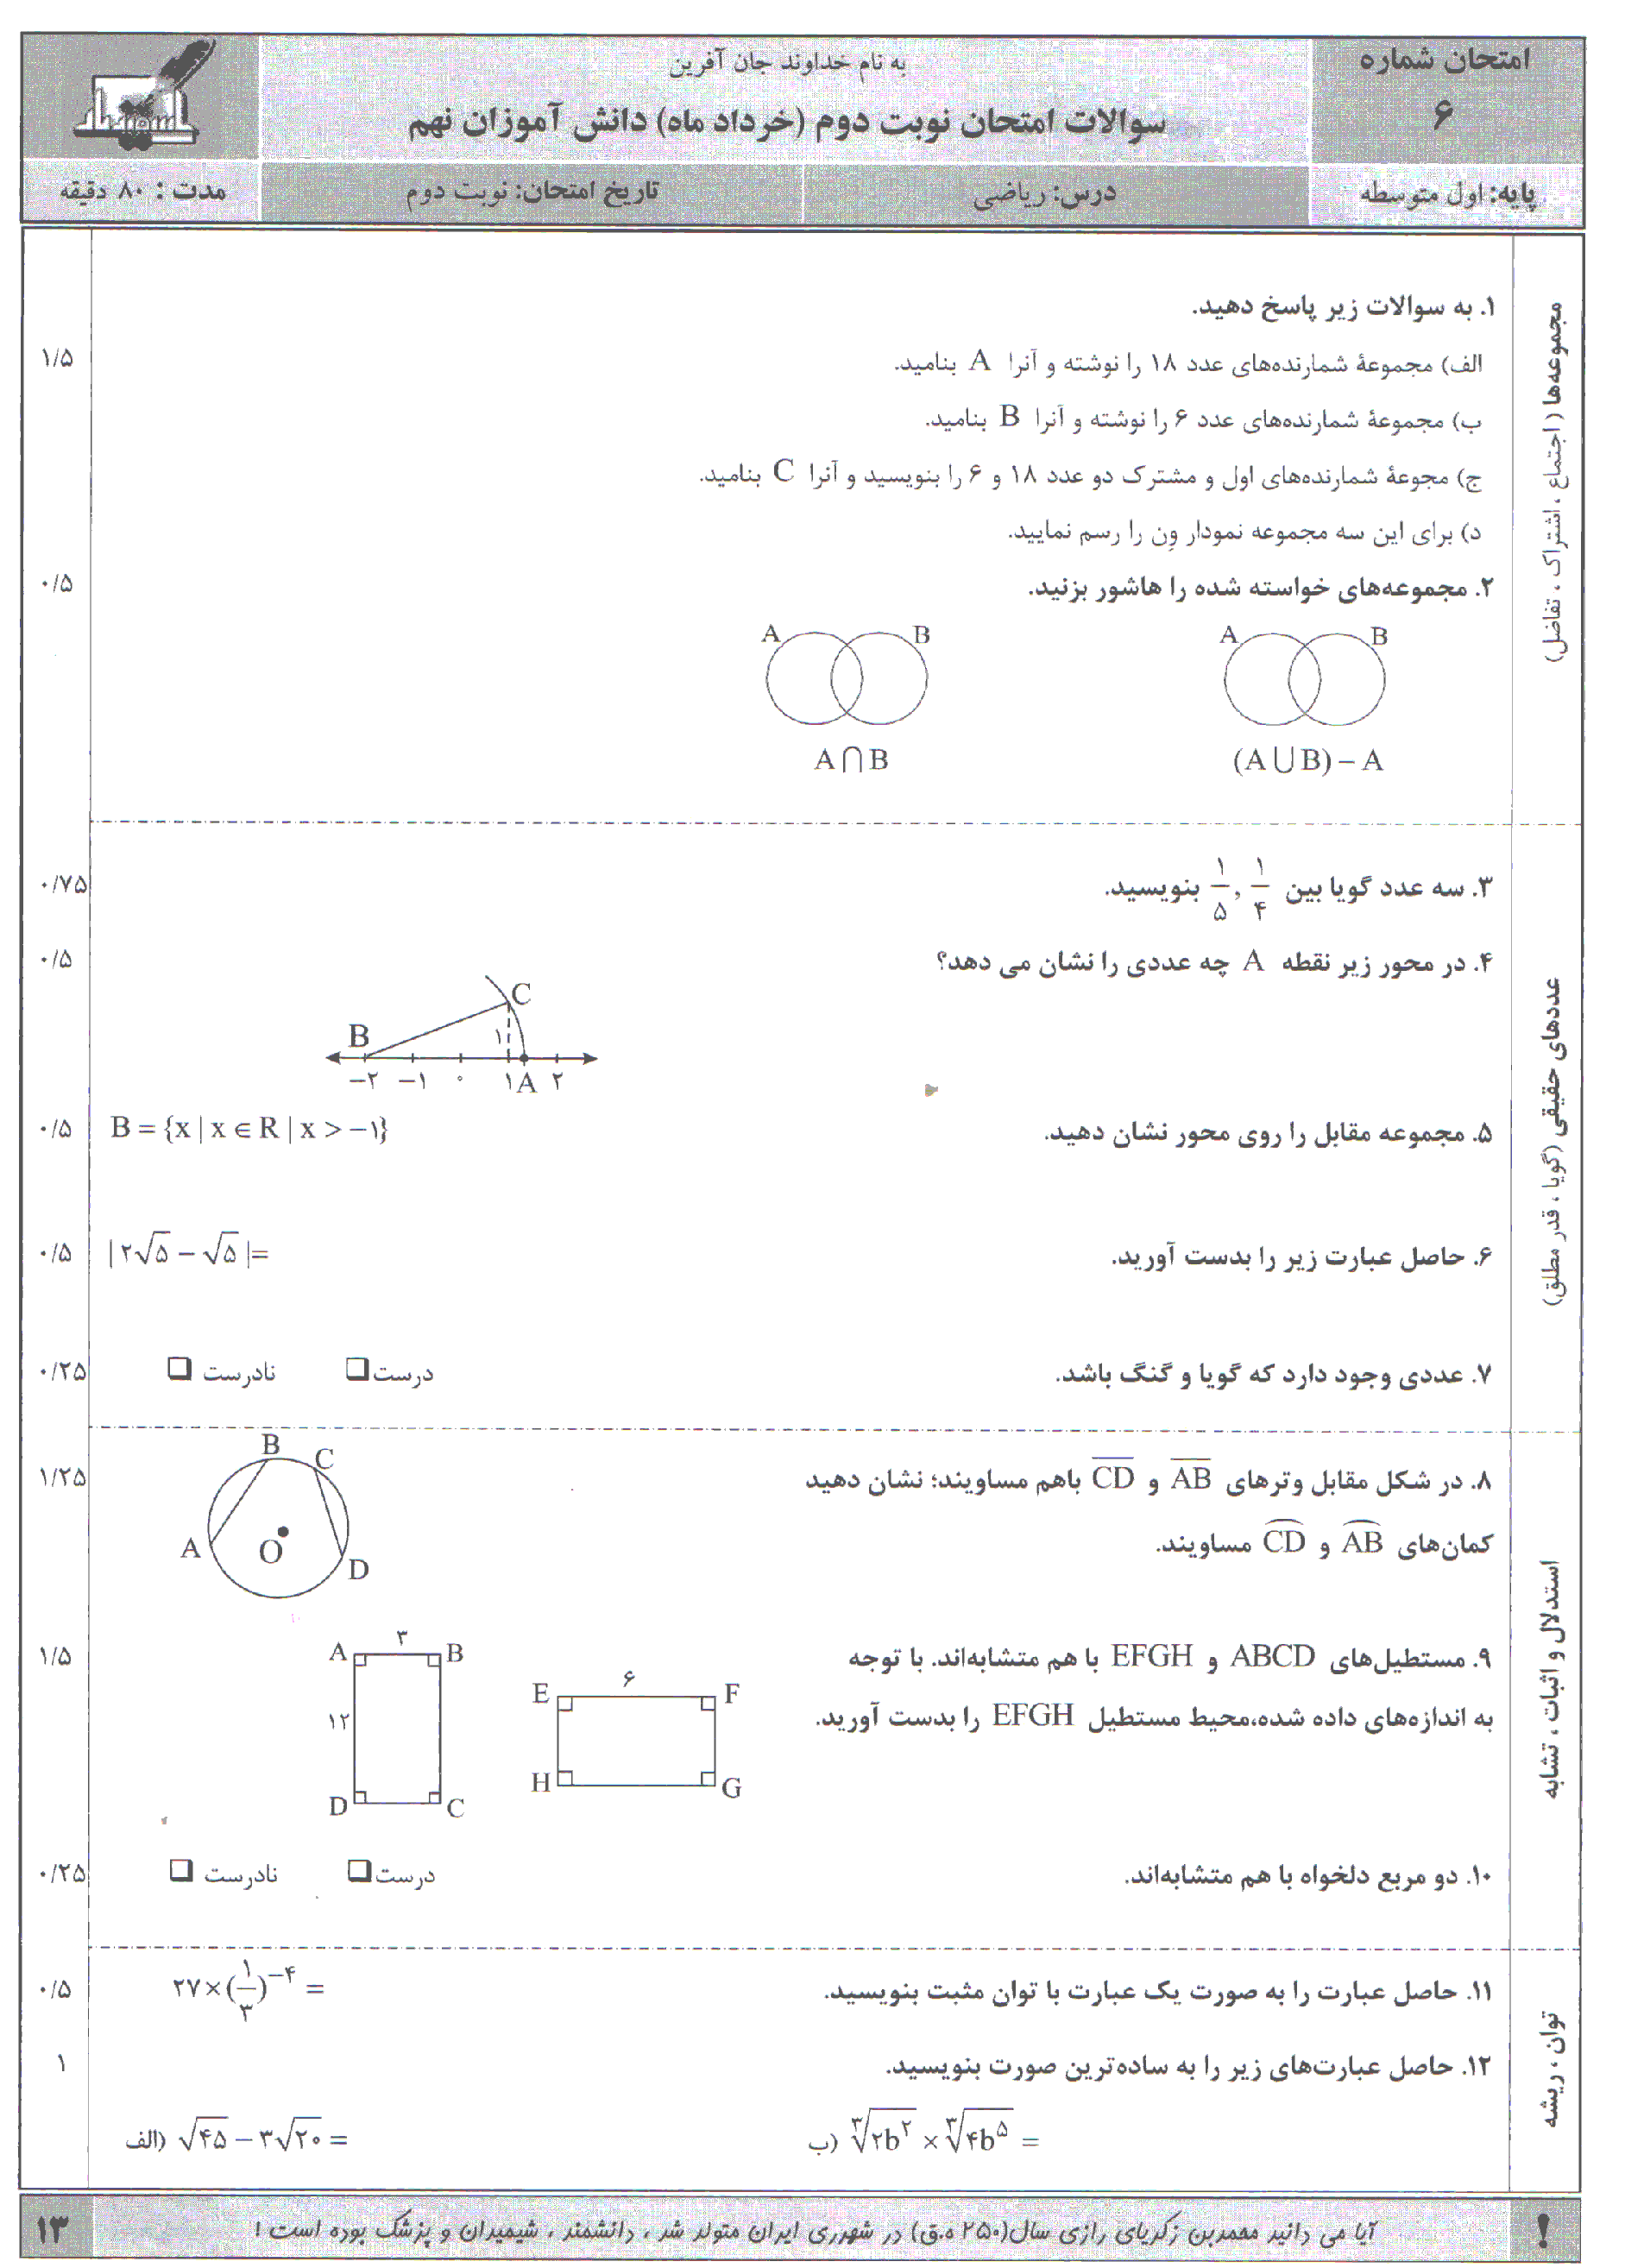 آزمون نوبت دوم ریاضی 9 نهم- شماره 6 اسفندیار+پاسخنامه | خرداد ماه